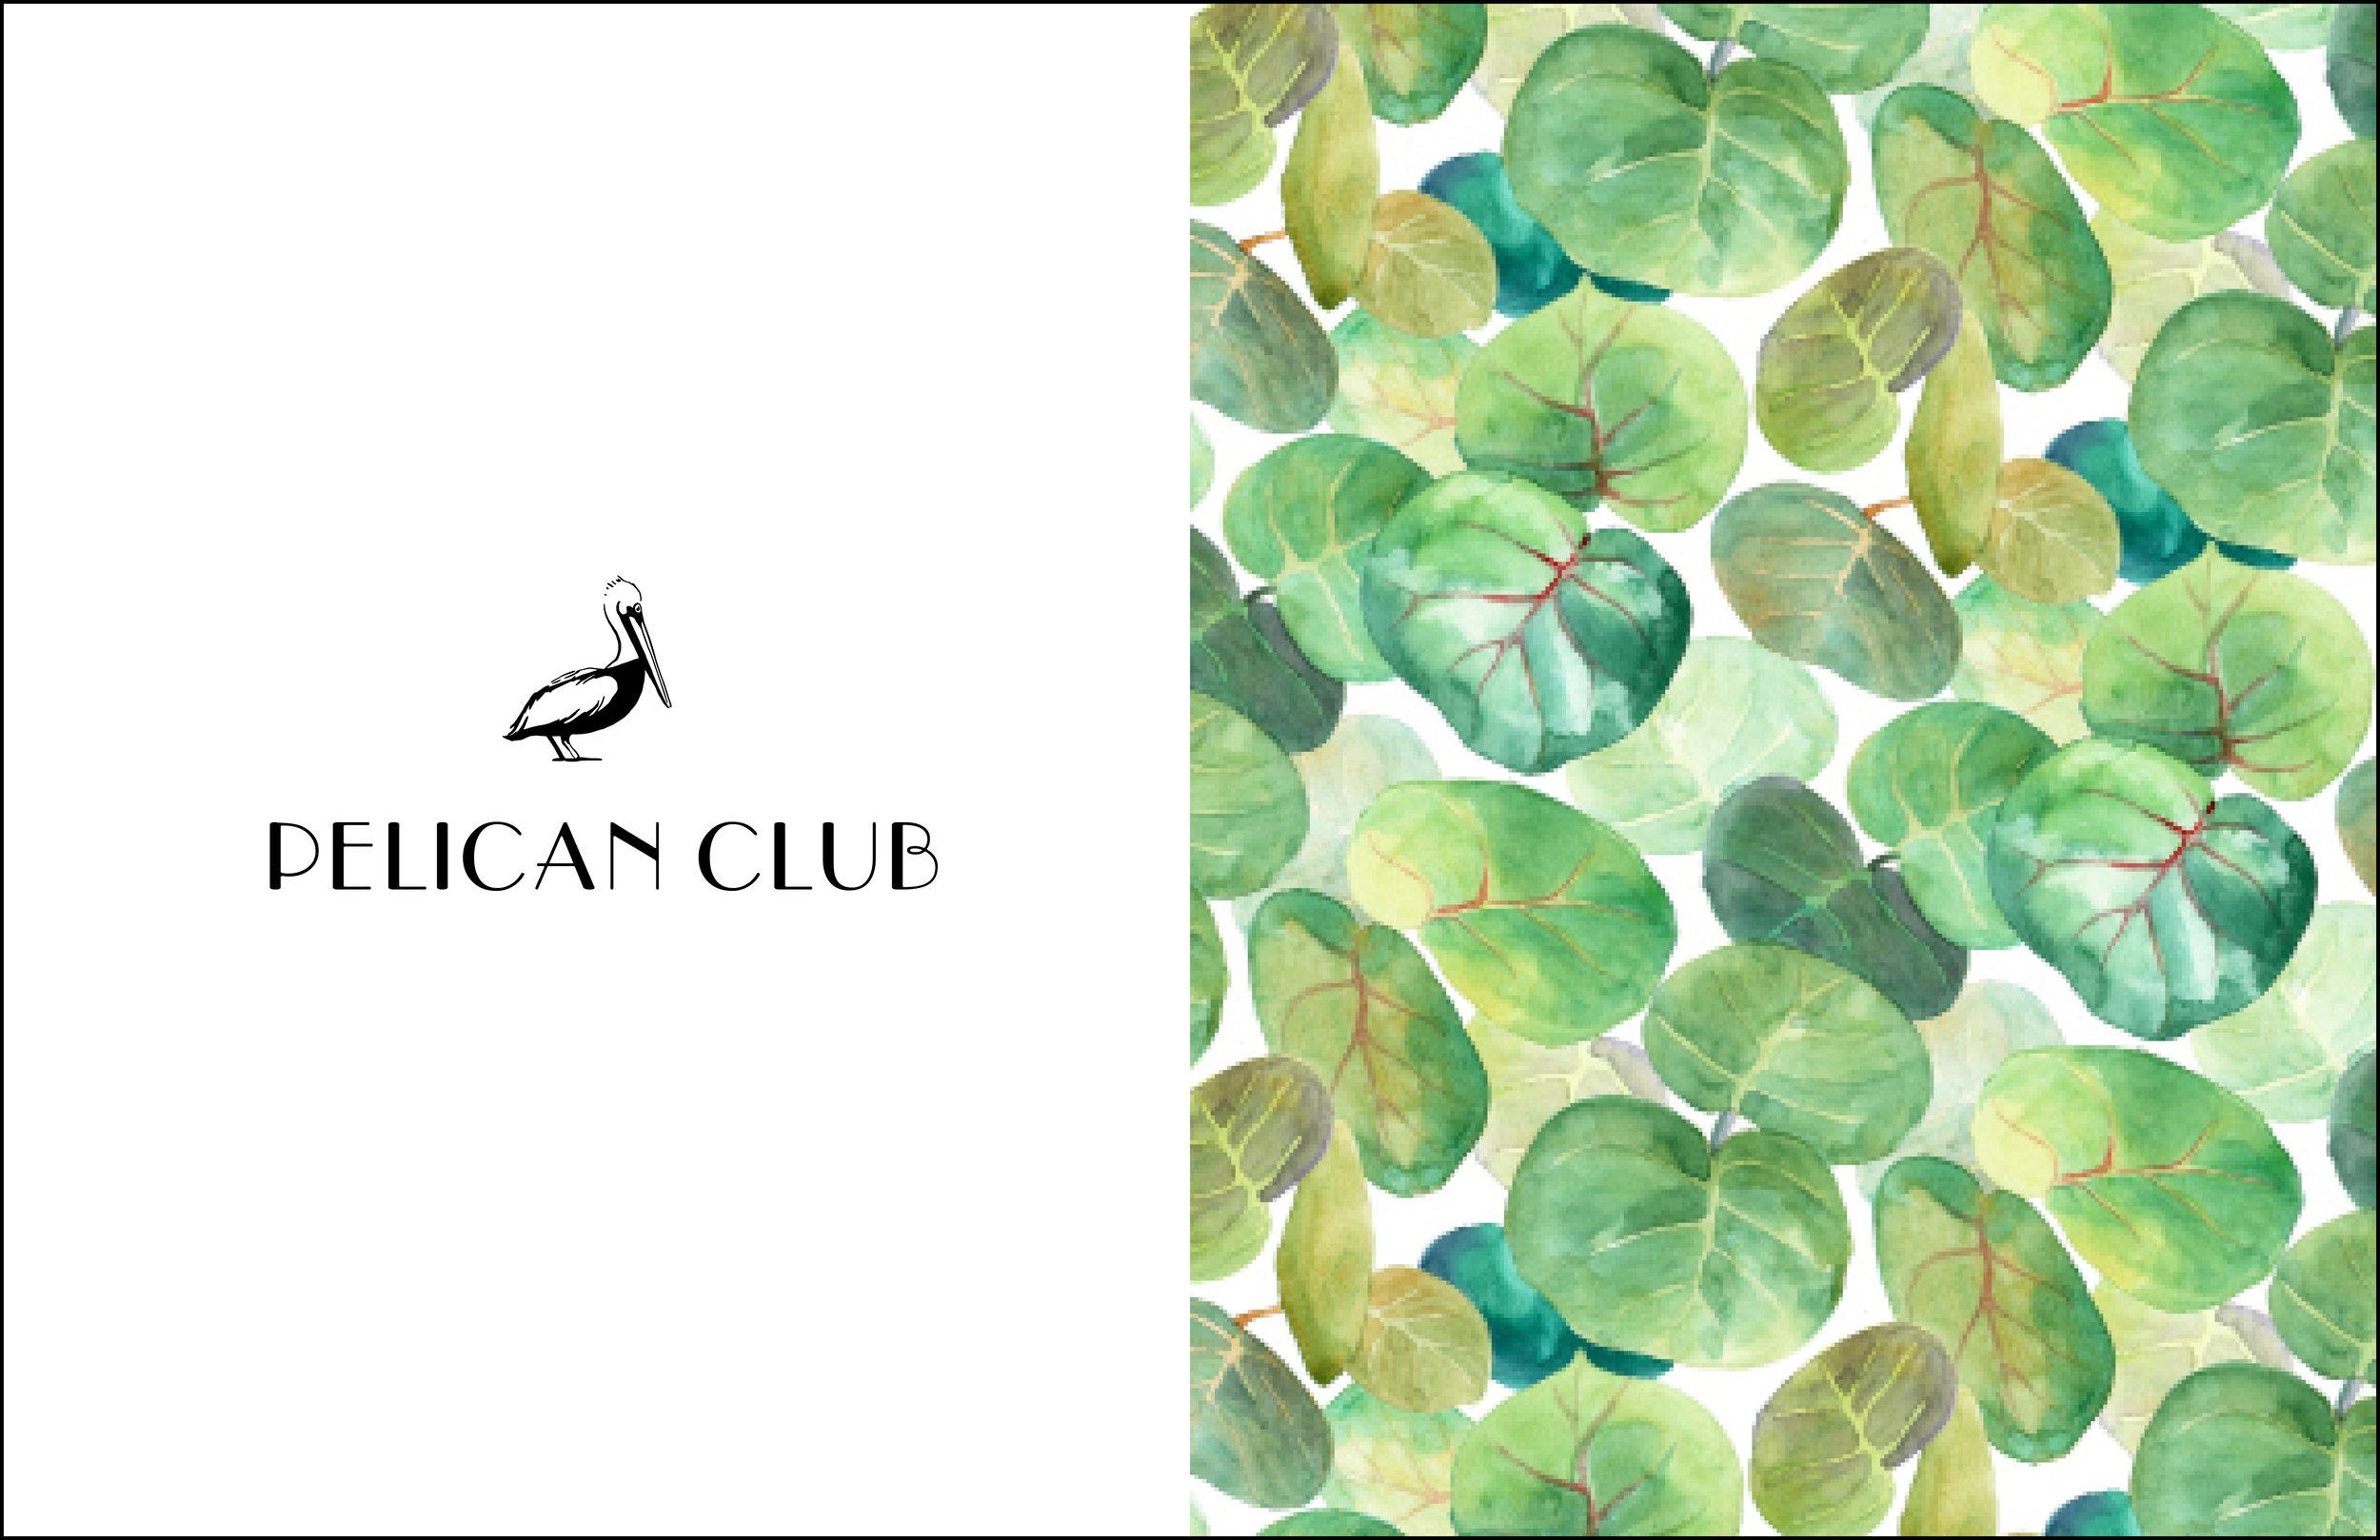 pelican_logo_pattern.jpg